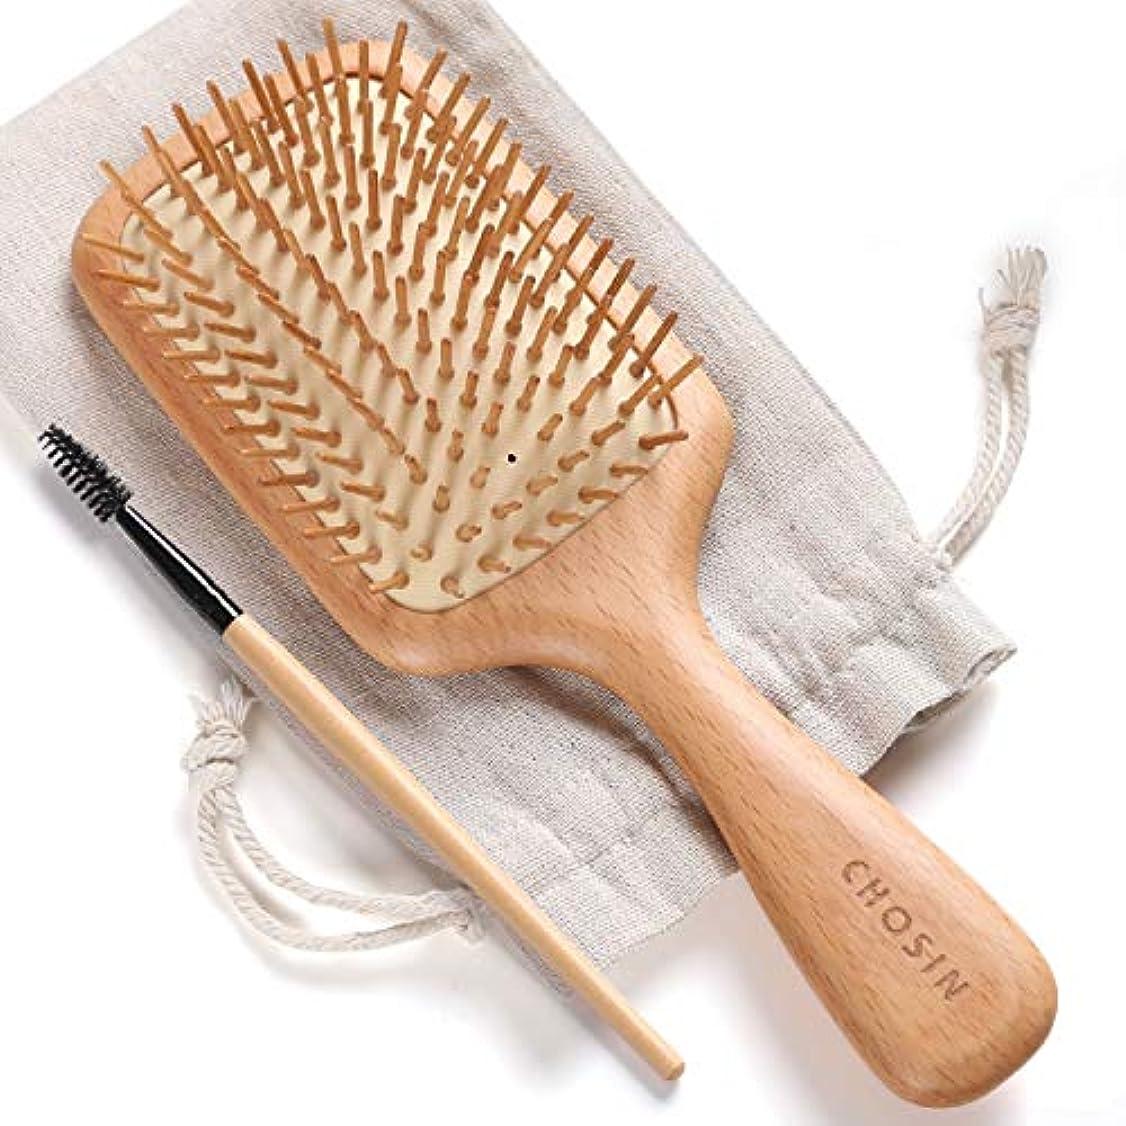 人差し指いつも仕事に行くヘアブラシ CHOSIN 頭皮マッサージ 木製櫛 髪をなめらかにする ヘアケア 静電気防止脱毛防止頭皮の圧迫軽減 男性と女性への適用